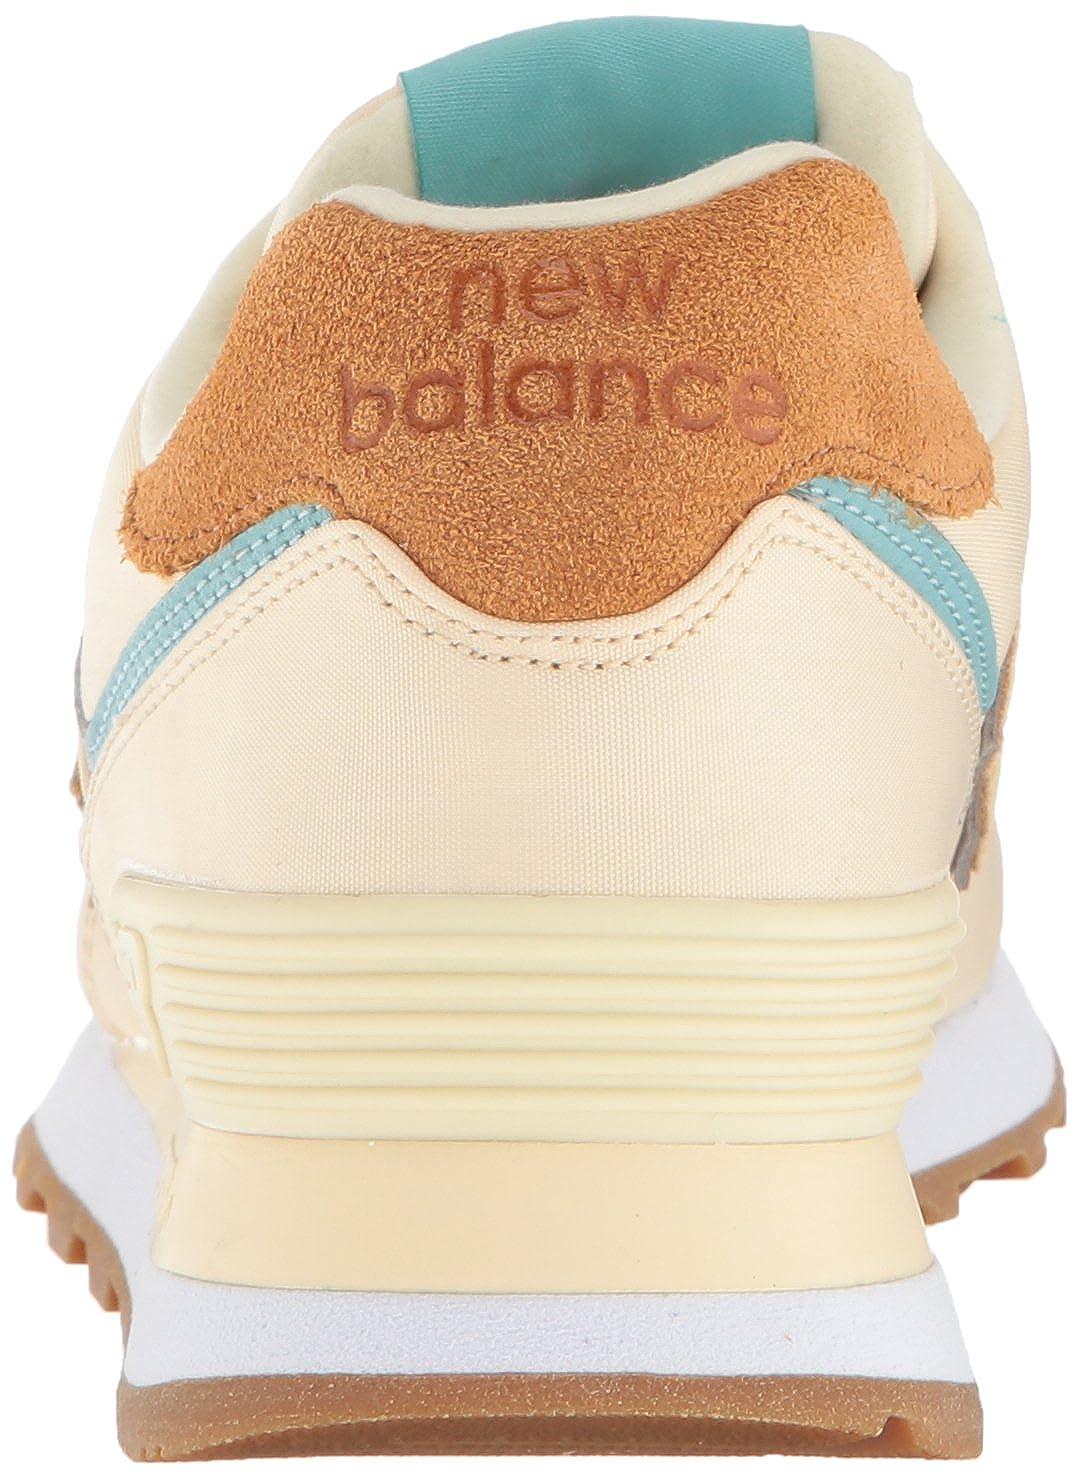 New Balance Balance Balance Damen 574v2 Turnschuhe 36,5 EU  4ba34a